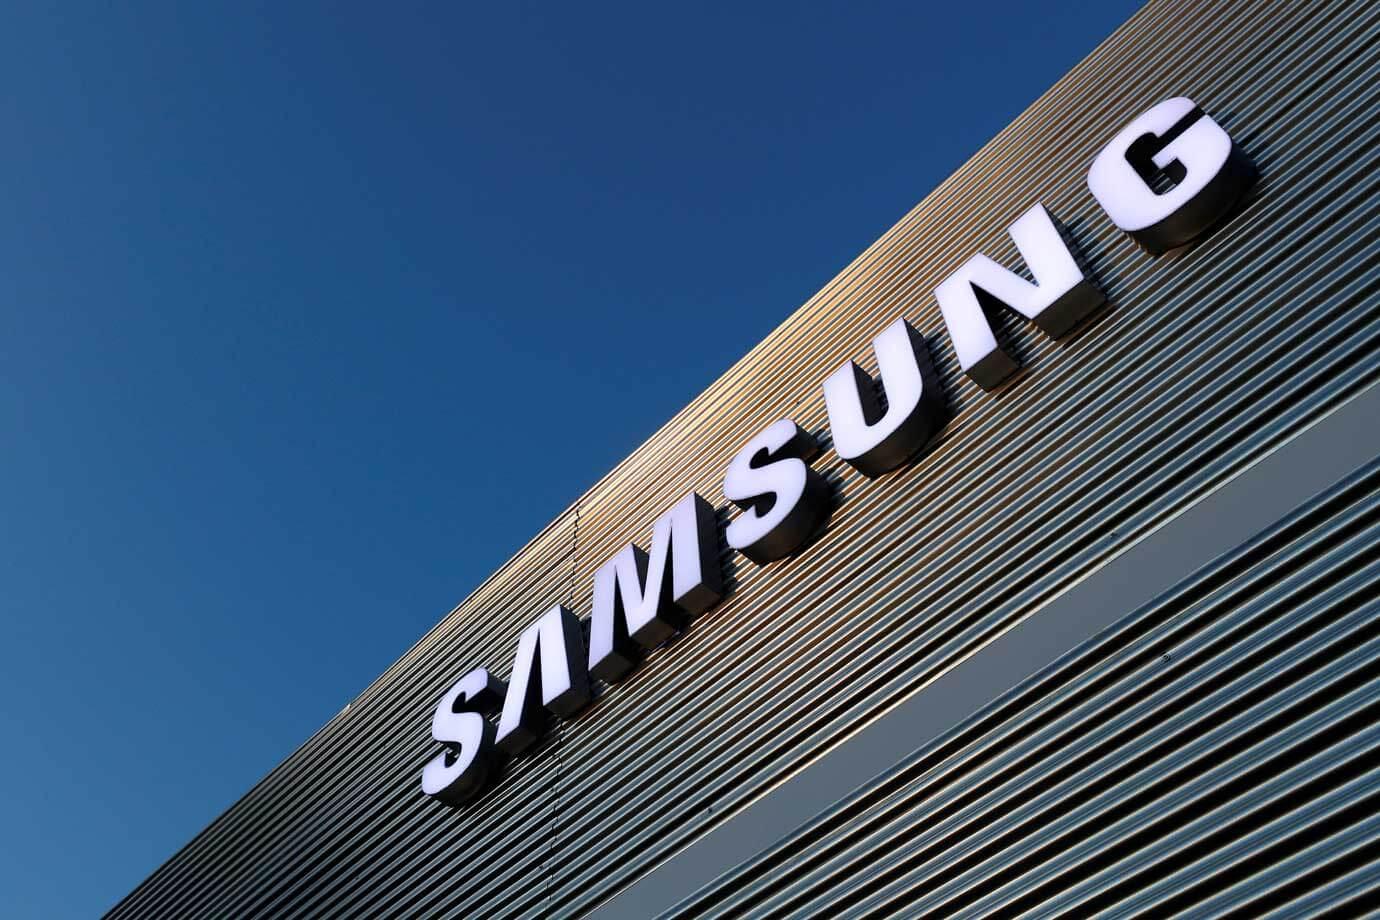 18 vagas na Samsung – cadastre o currículo online pelo LinkedIn